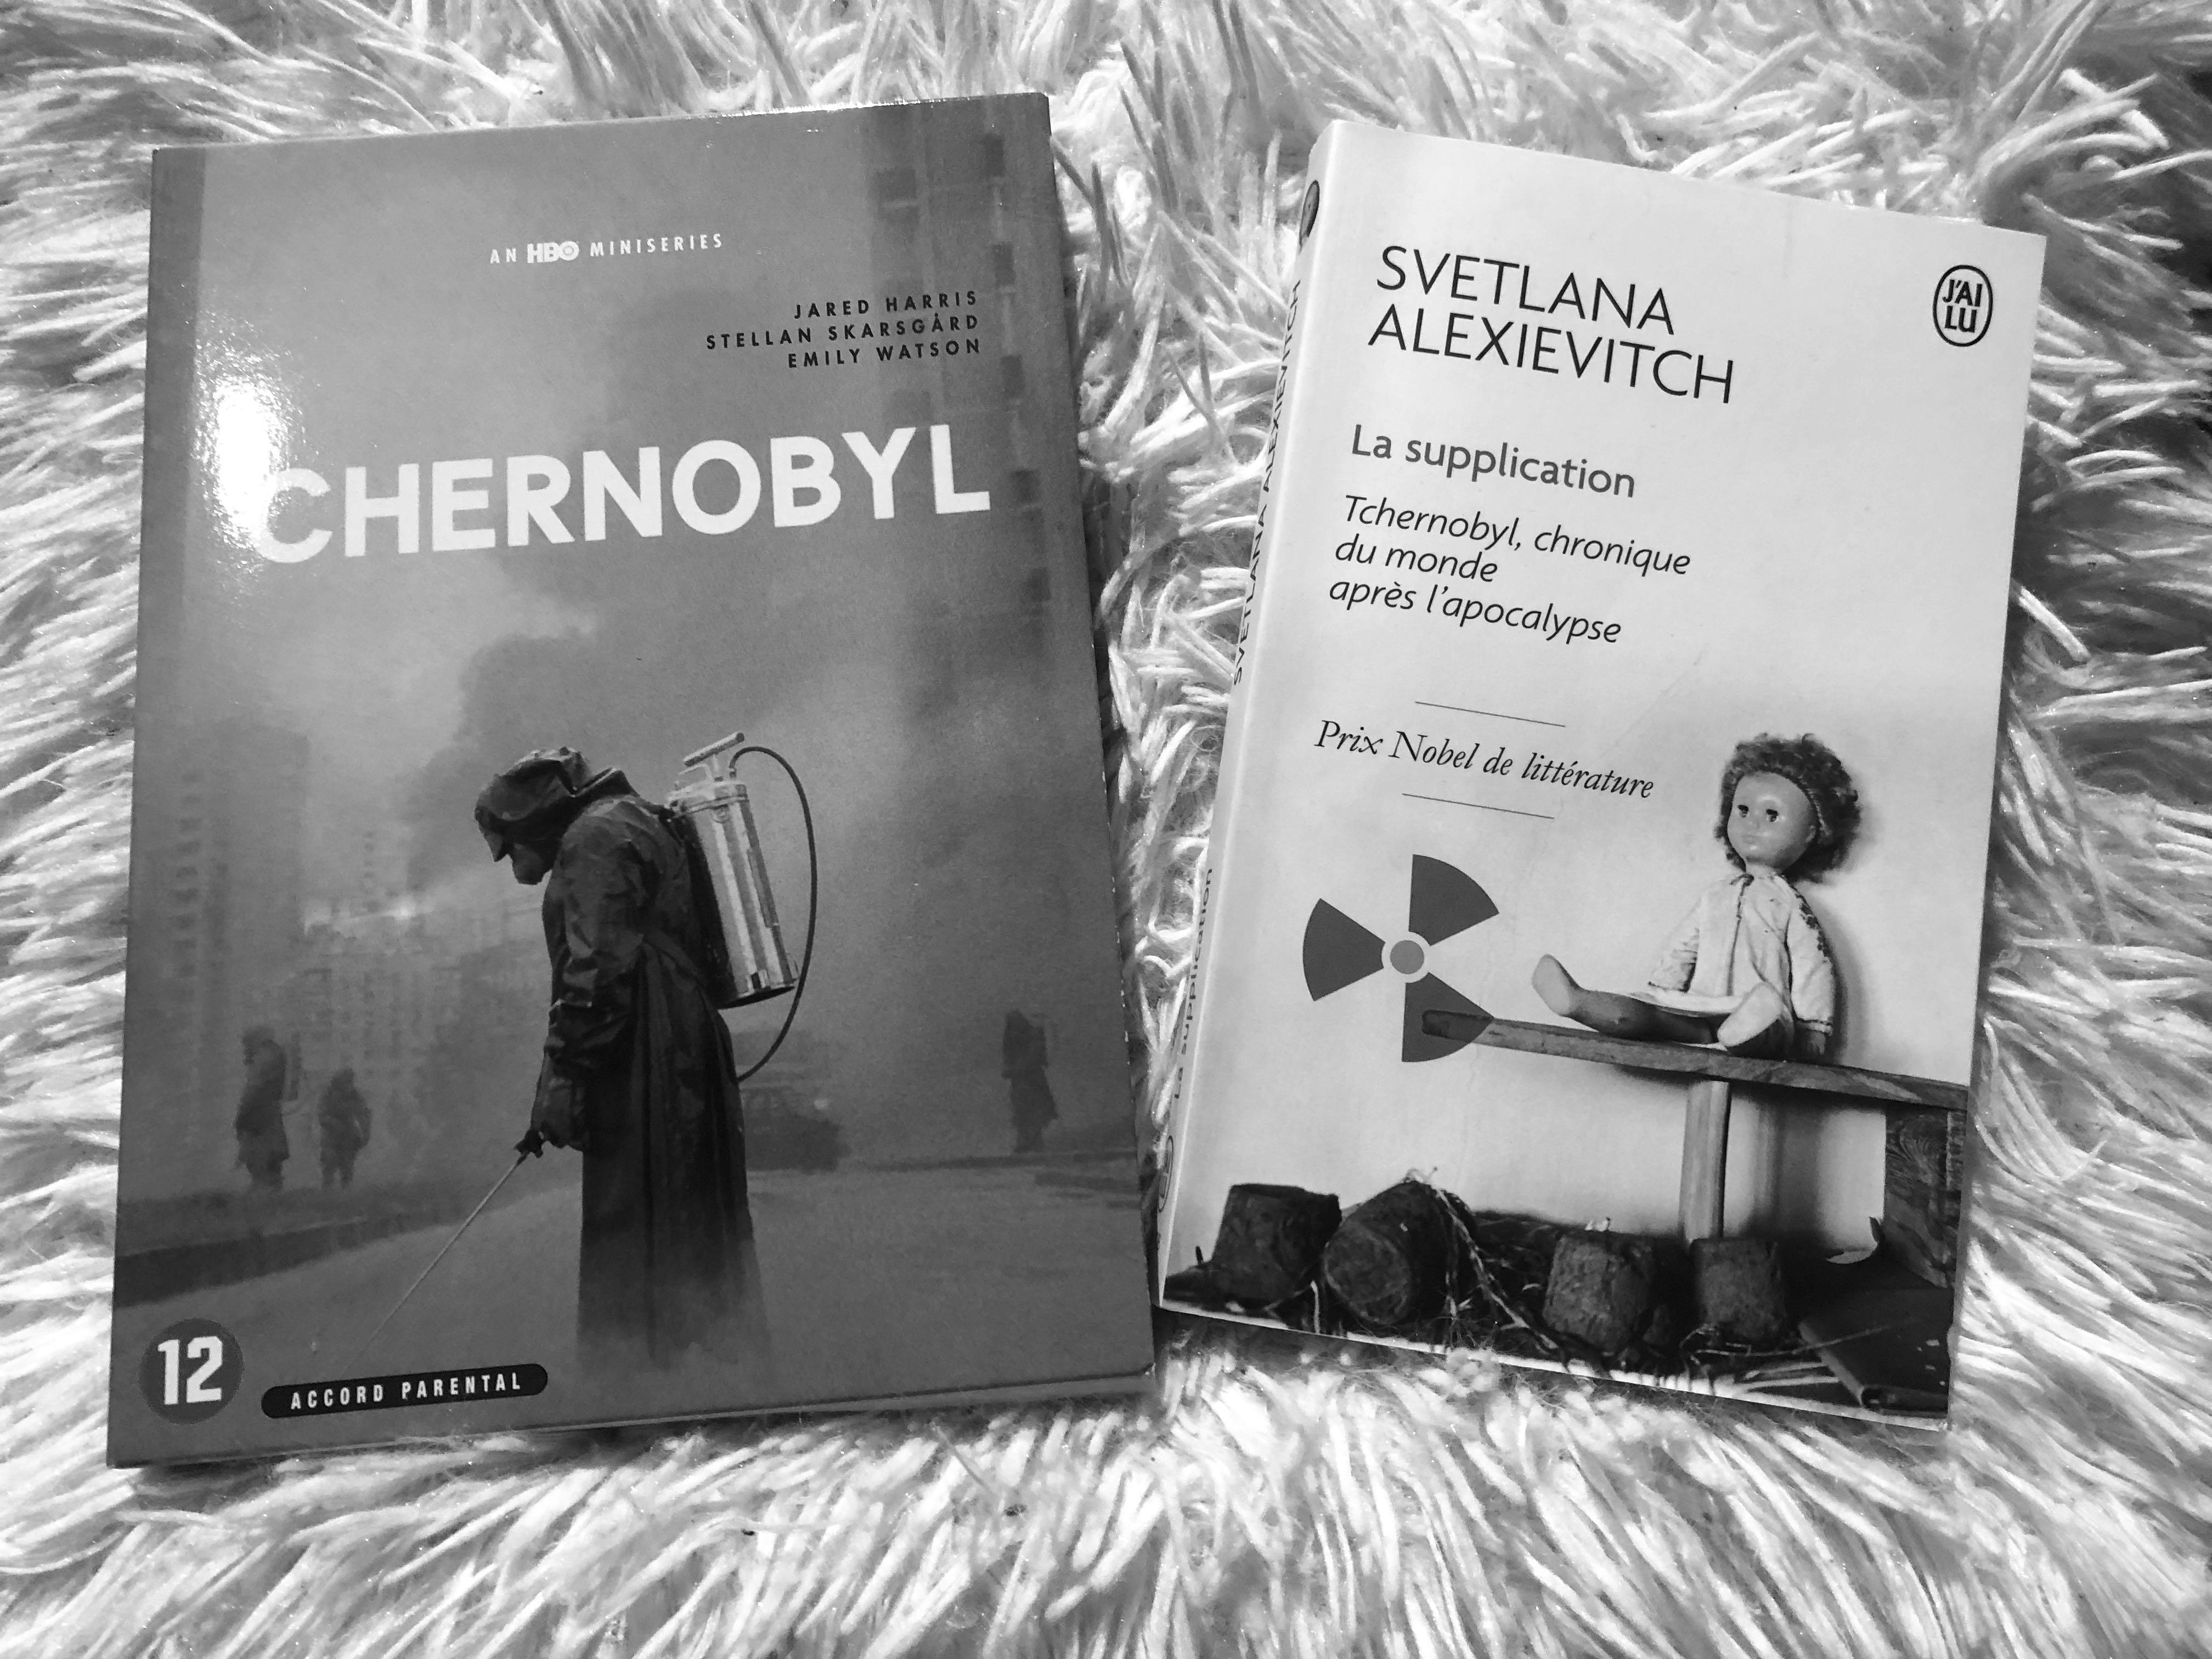 La série «Chernobyl» et le livre «La supplication» de Sveltlana Alexievitch